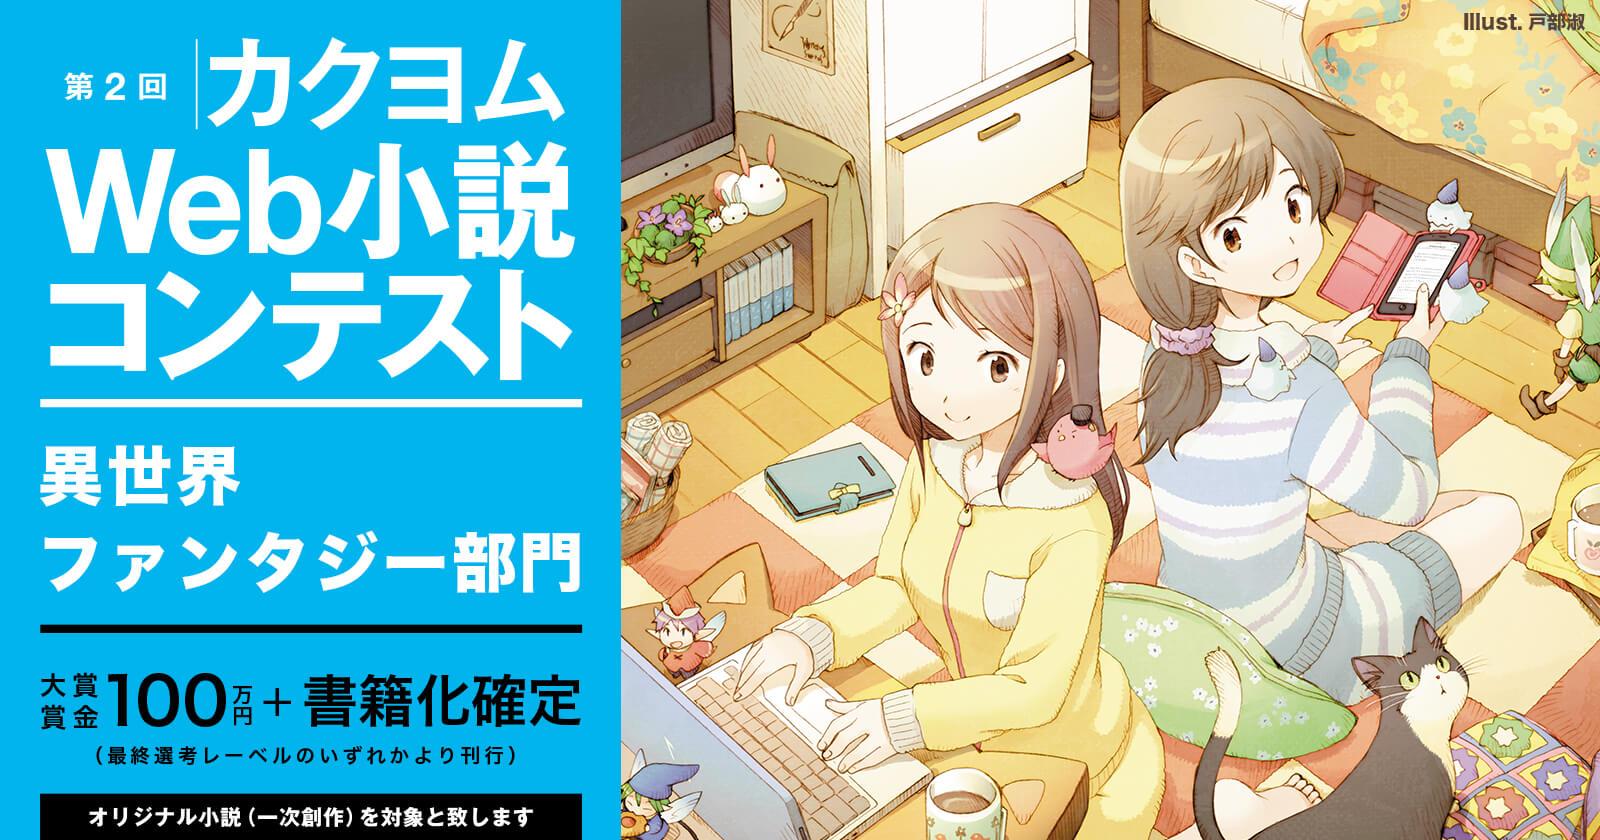 第2回カクヨムWeb小説コンテスト 異世界ファンタジー部門